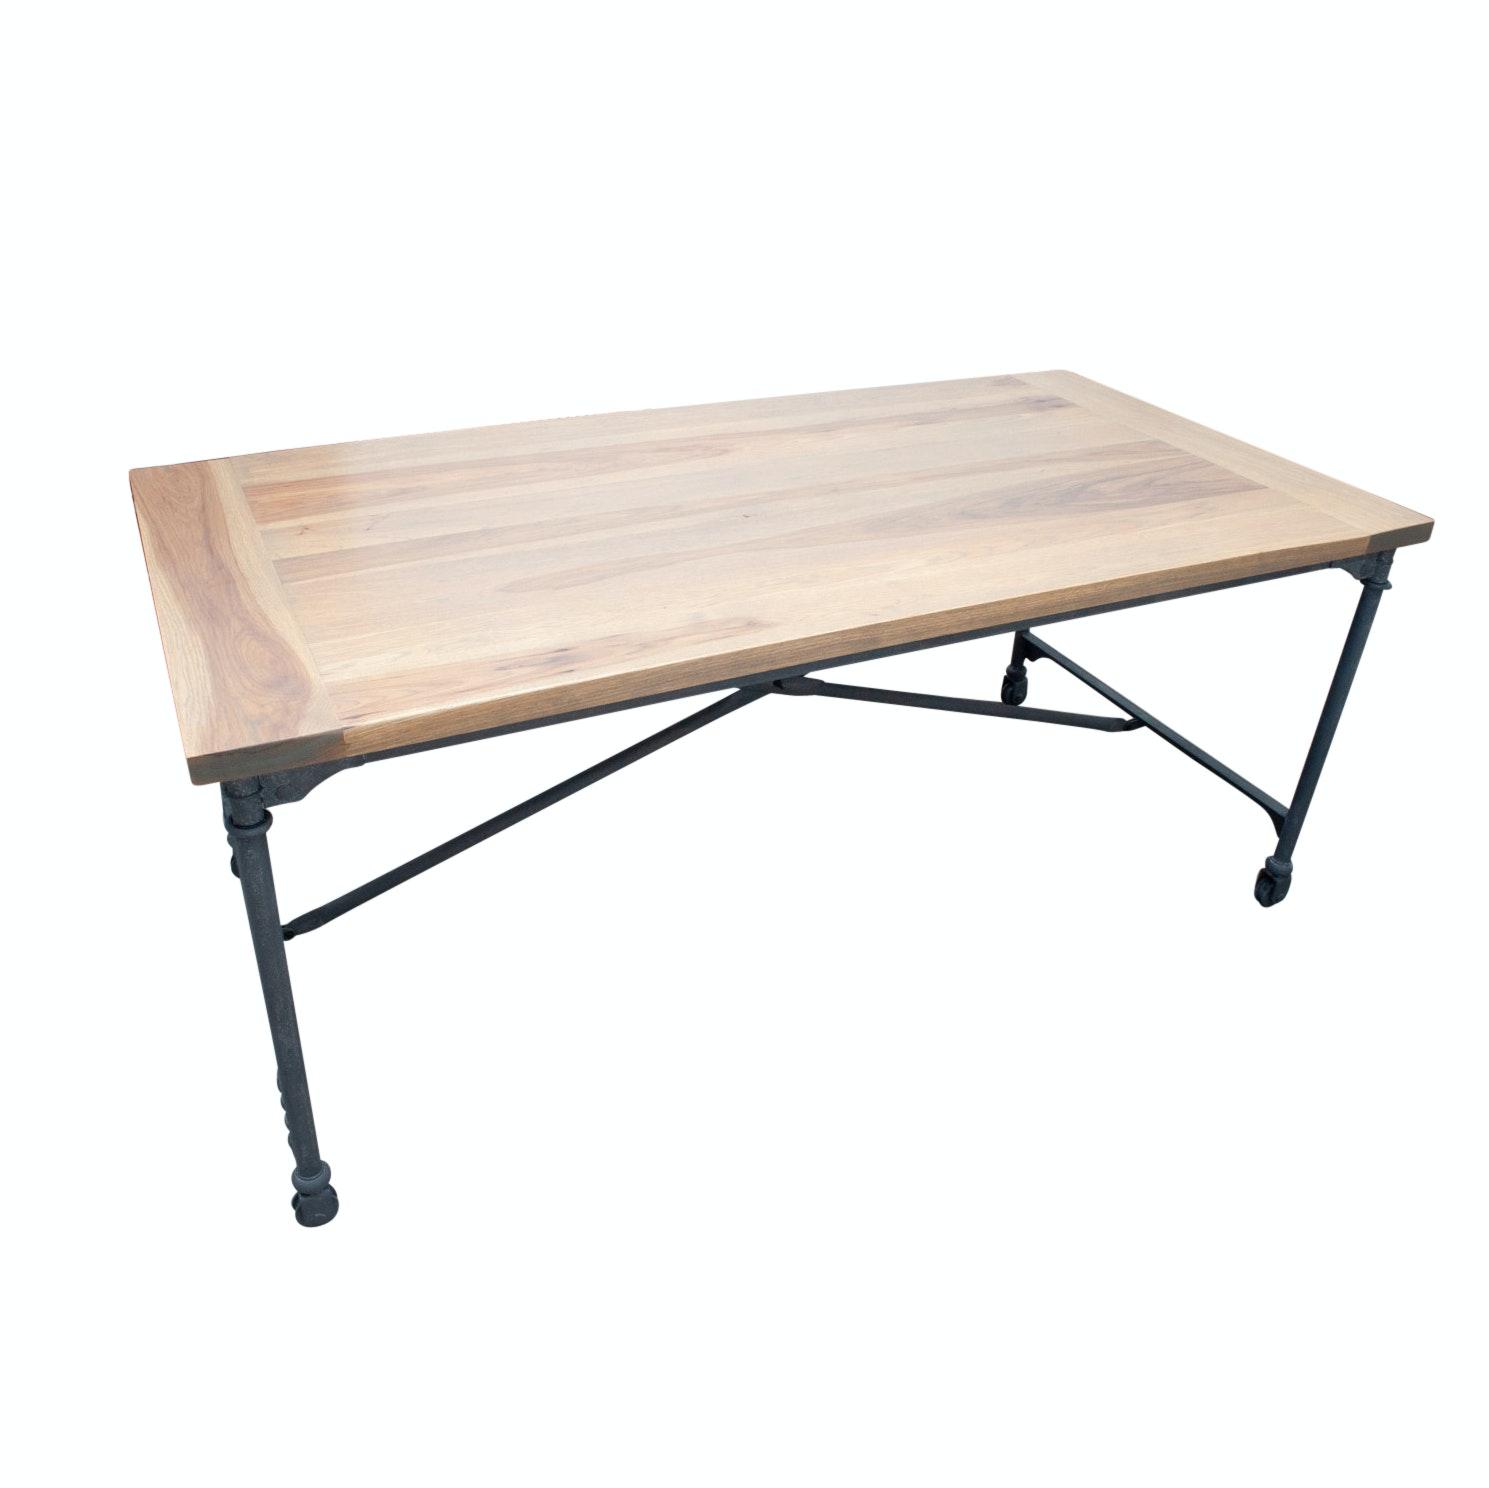 Restoration Hardware Flat Iron Hickory Wood Desk